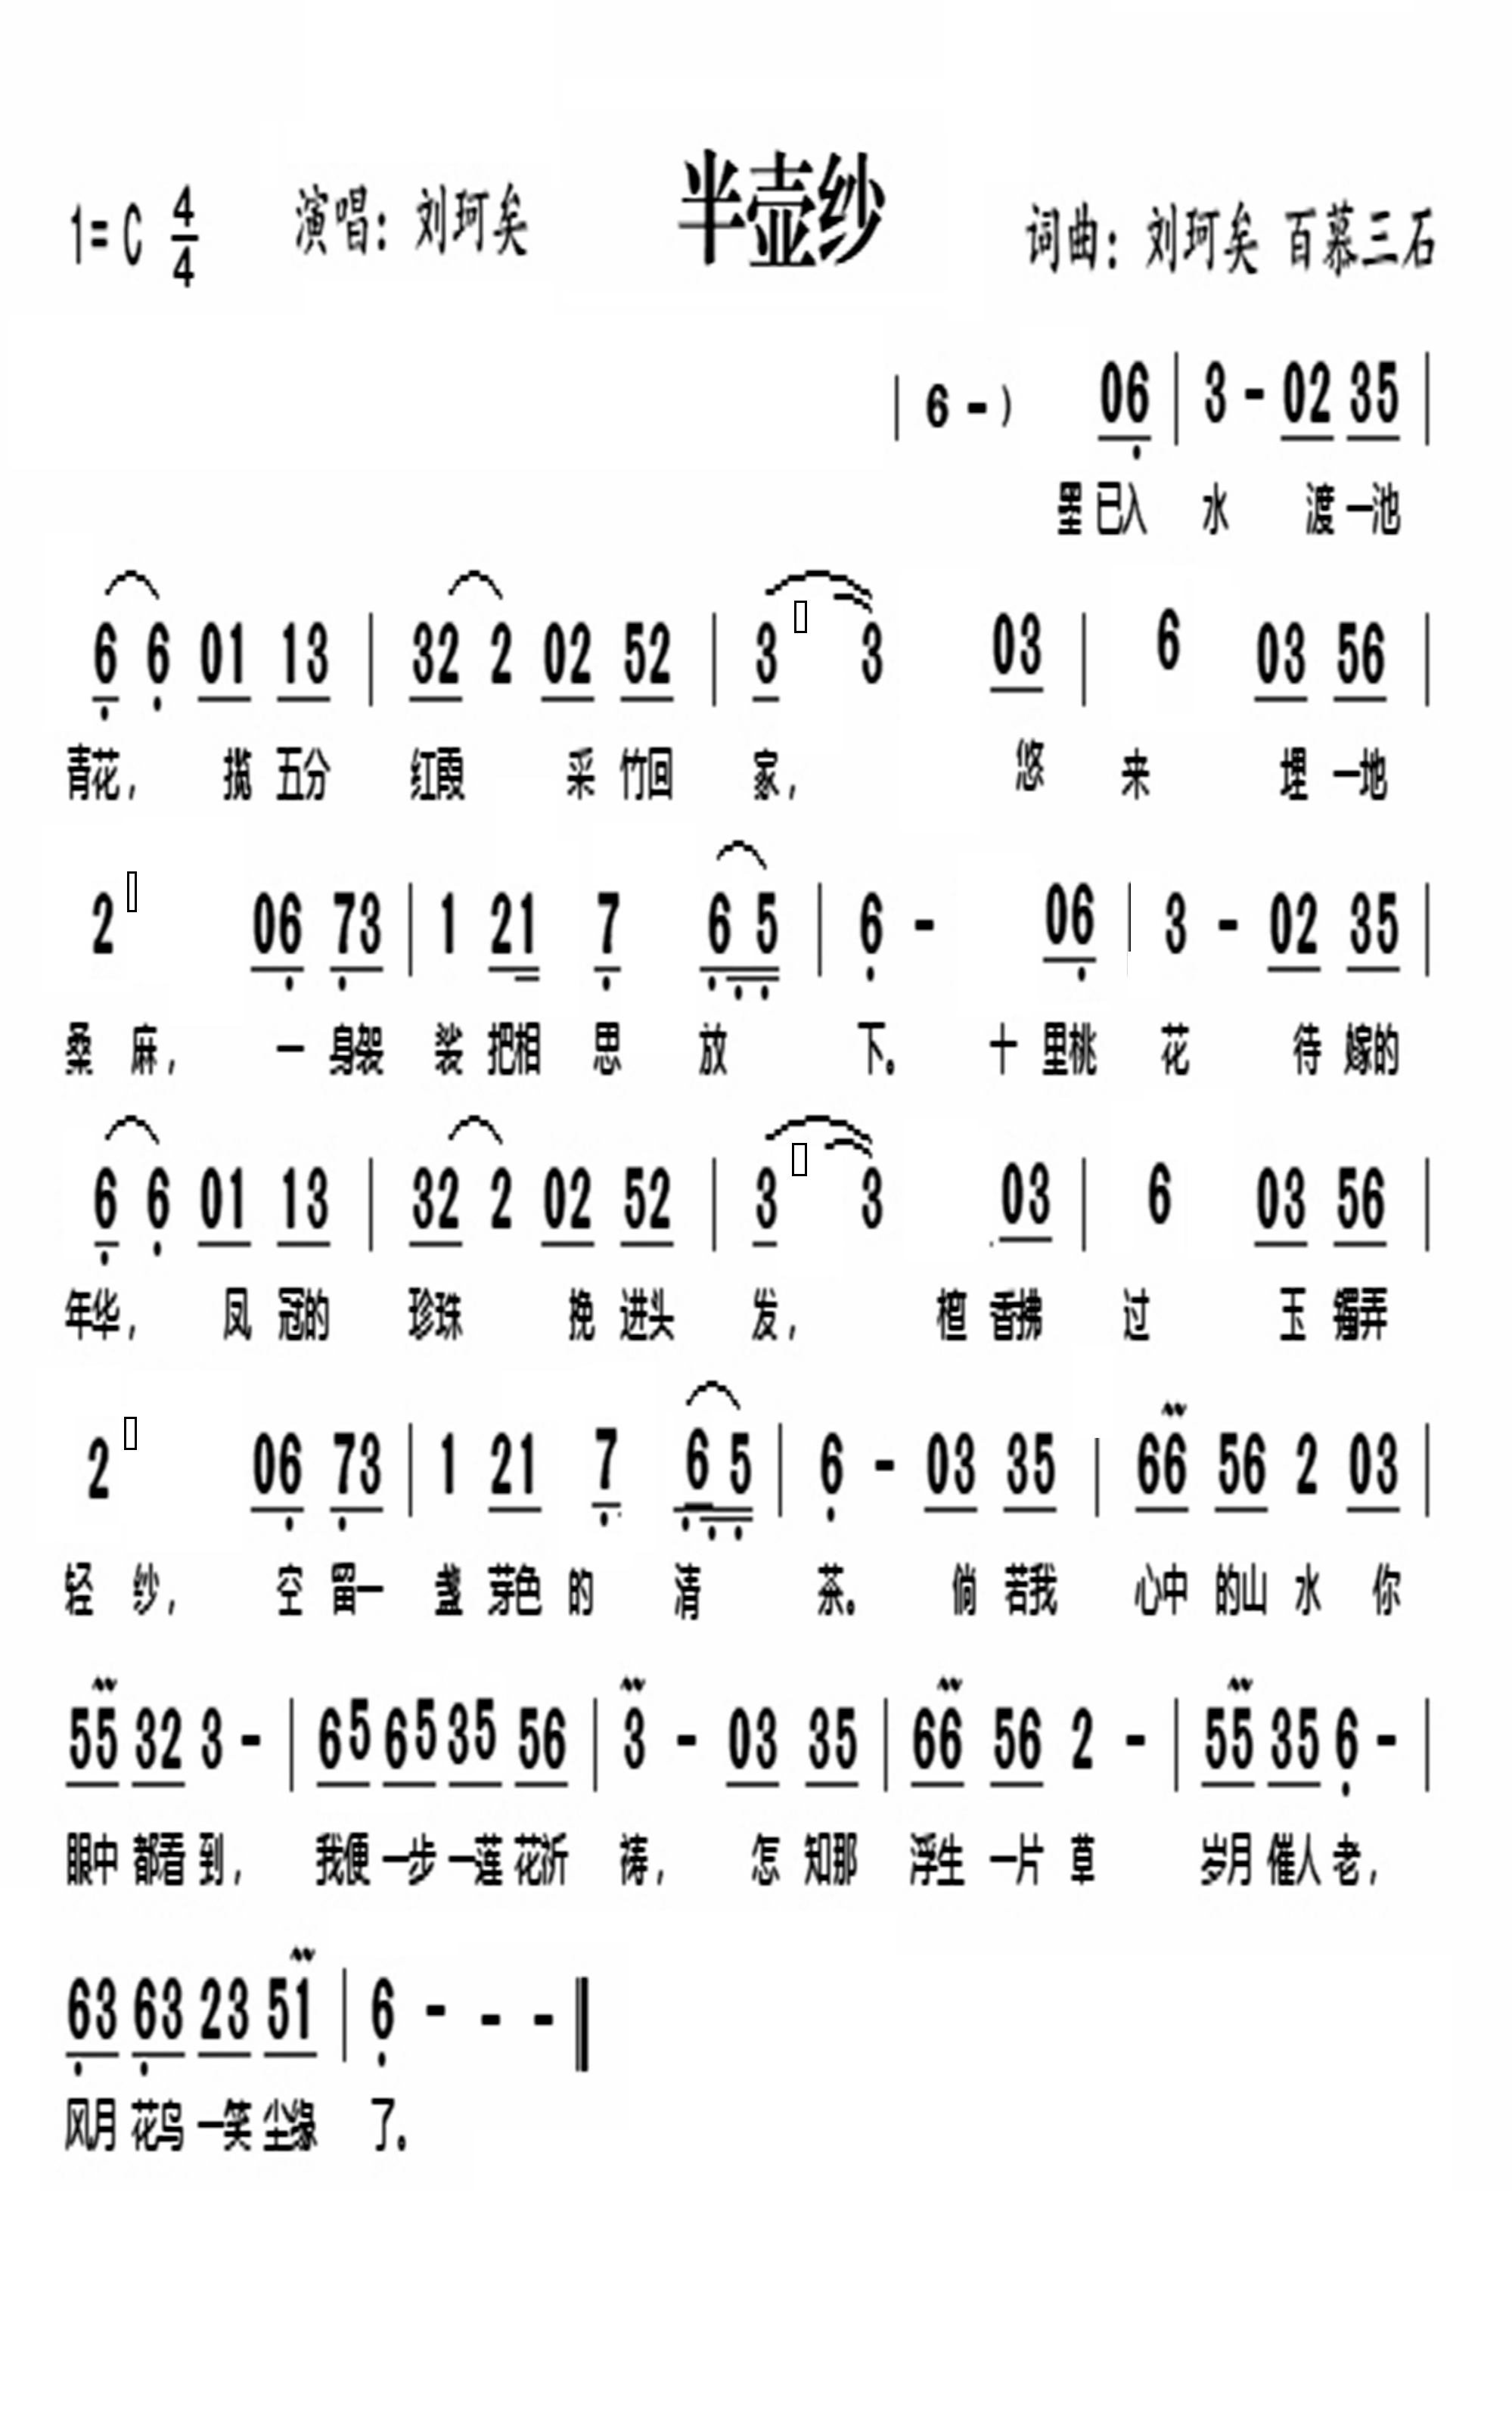 半壶纱--葫芦丝简谱(编曲 混缩) - tiger1950 - 5